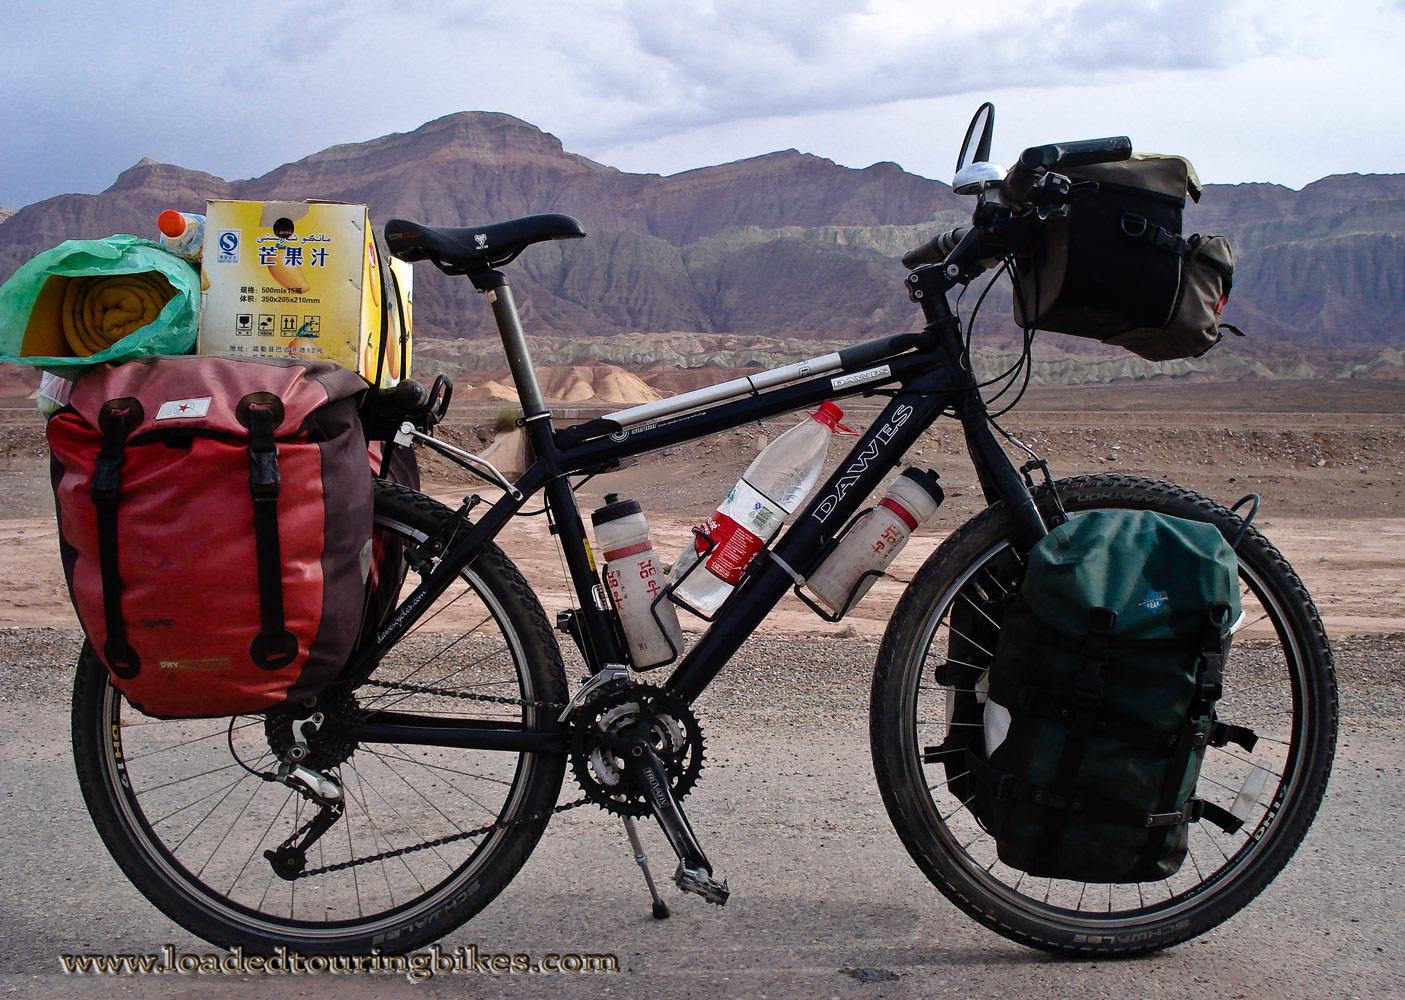 443    Chris touring China - Dawes Sardar touring bike